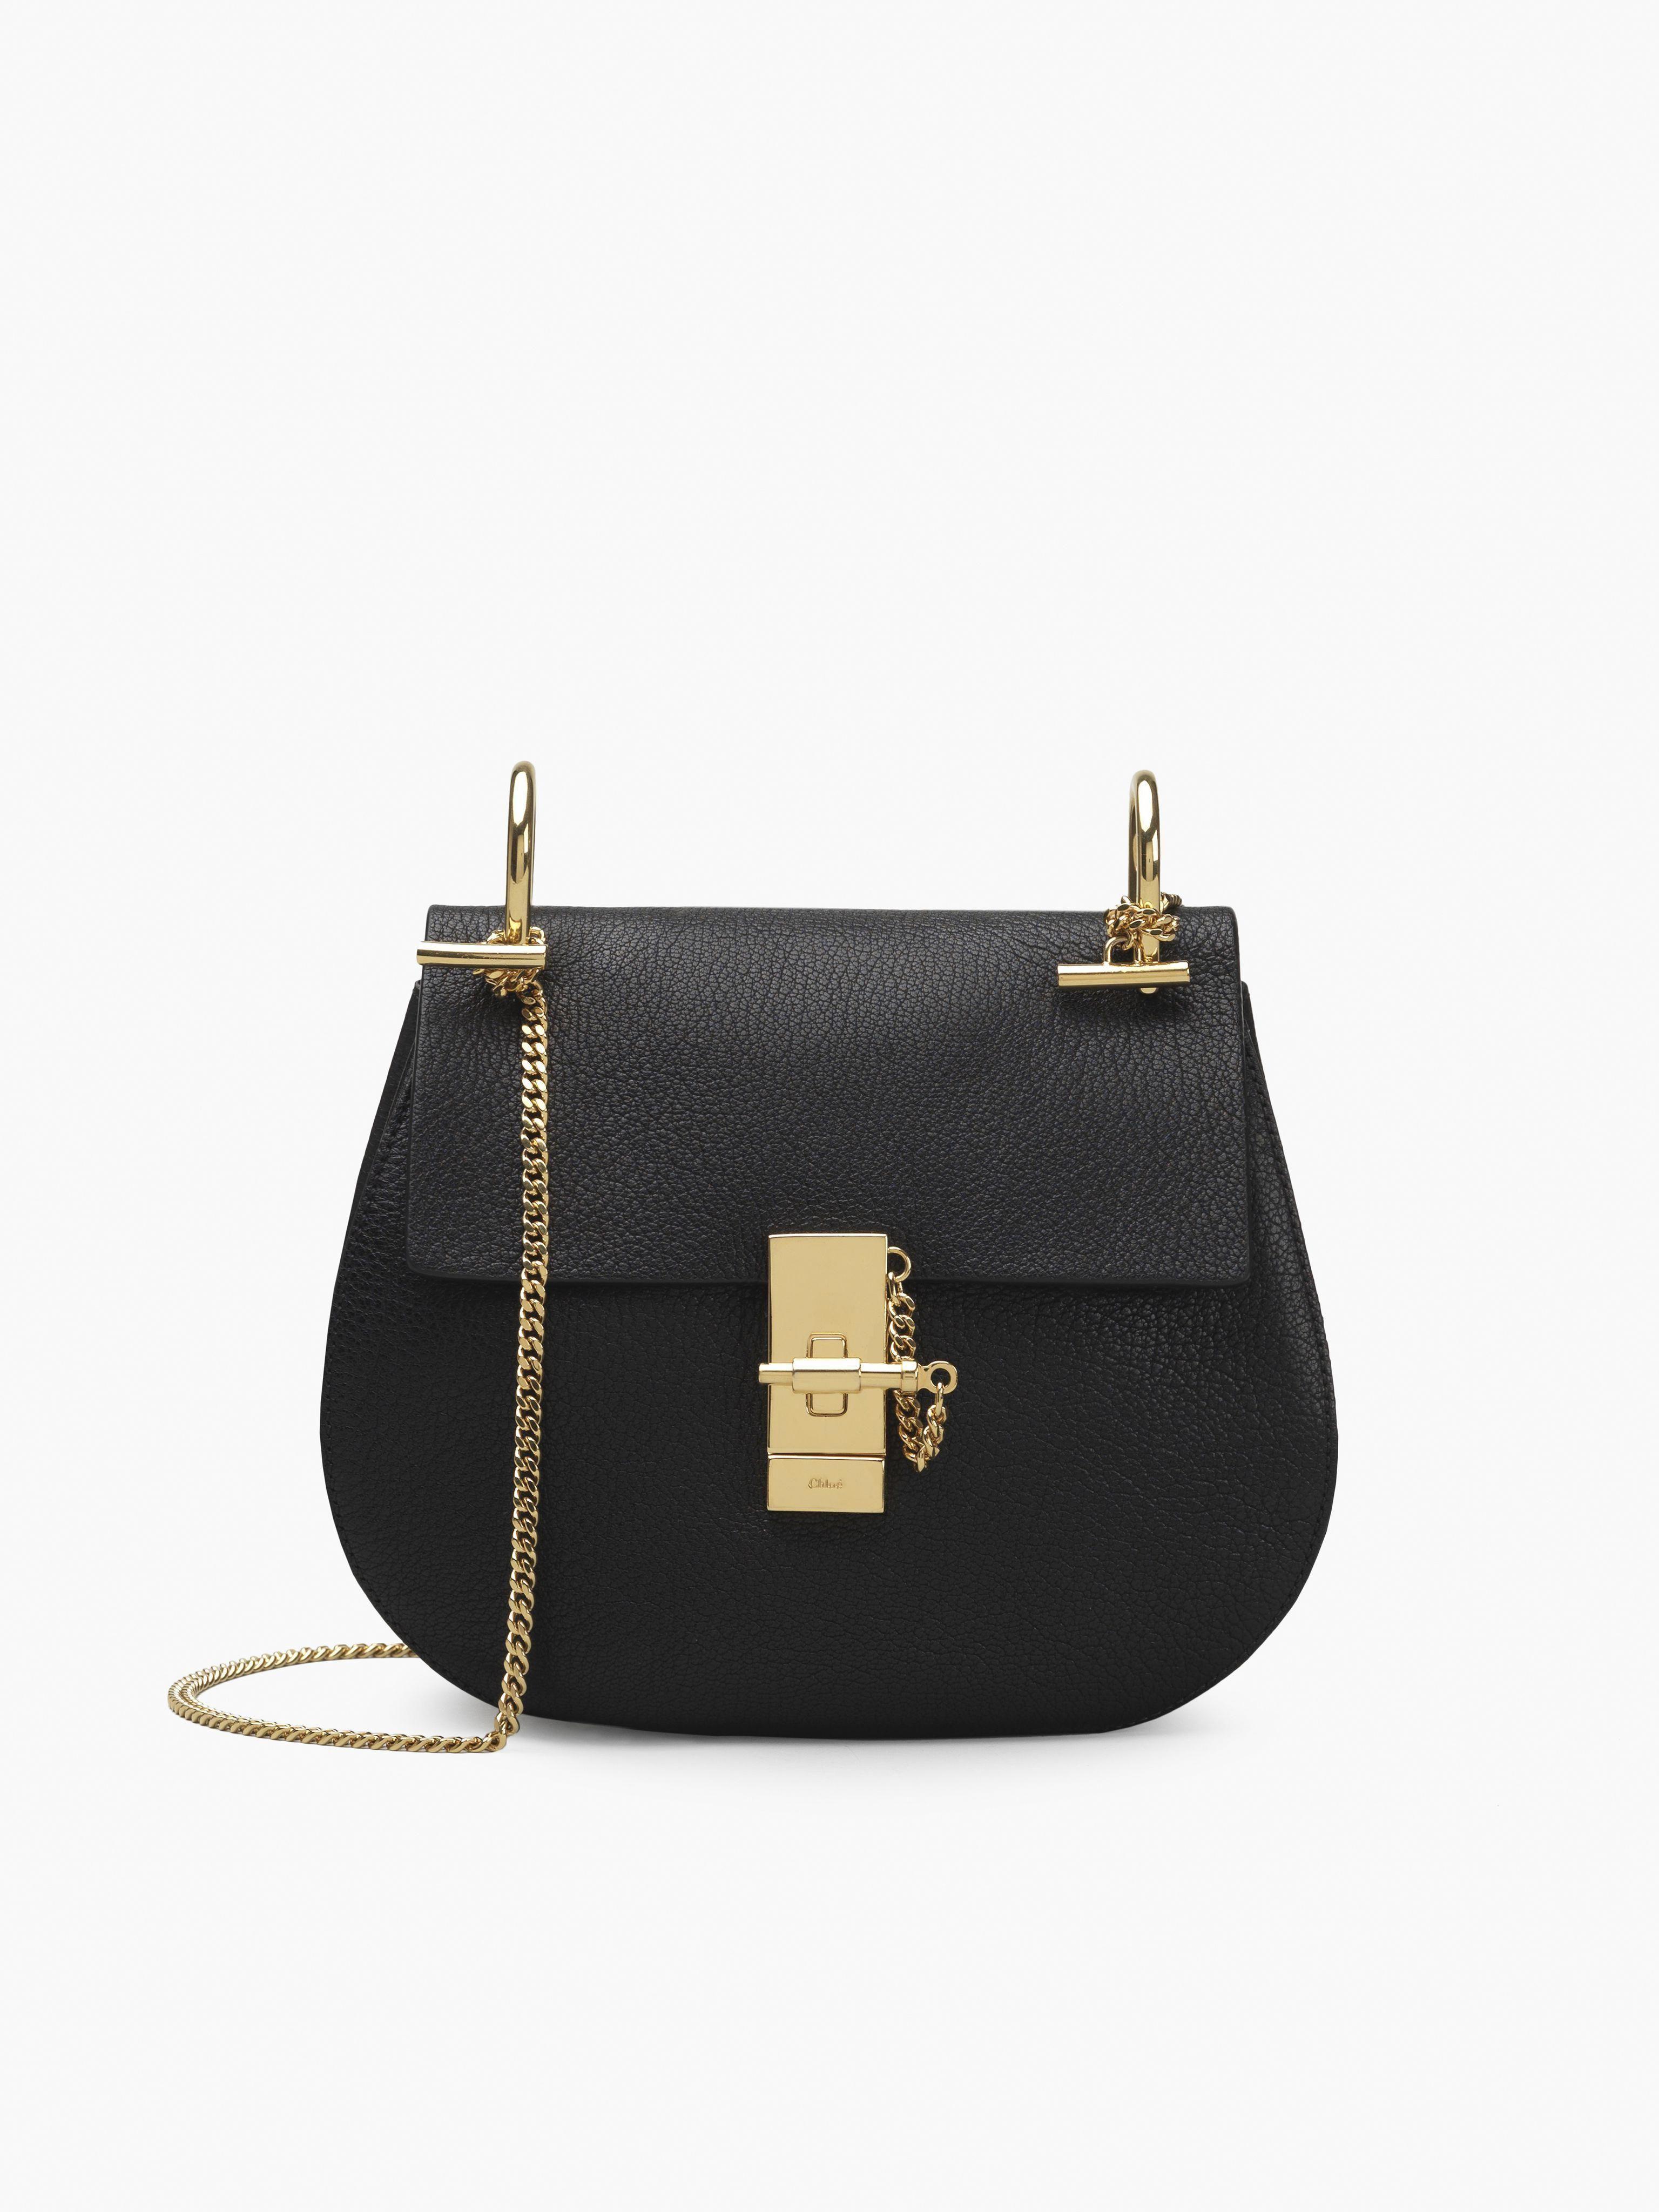 Discover Drew Shoulder Bag and shop online on CHLOE Official Website.  3S1031944 c5fdfb4382